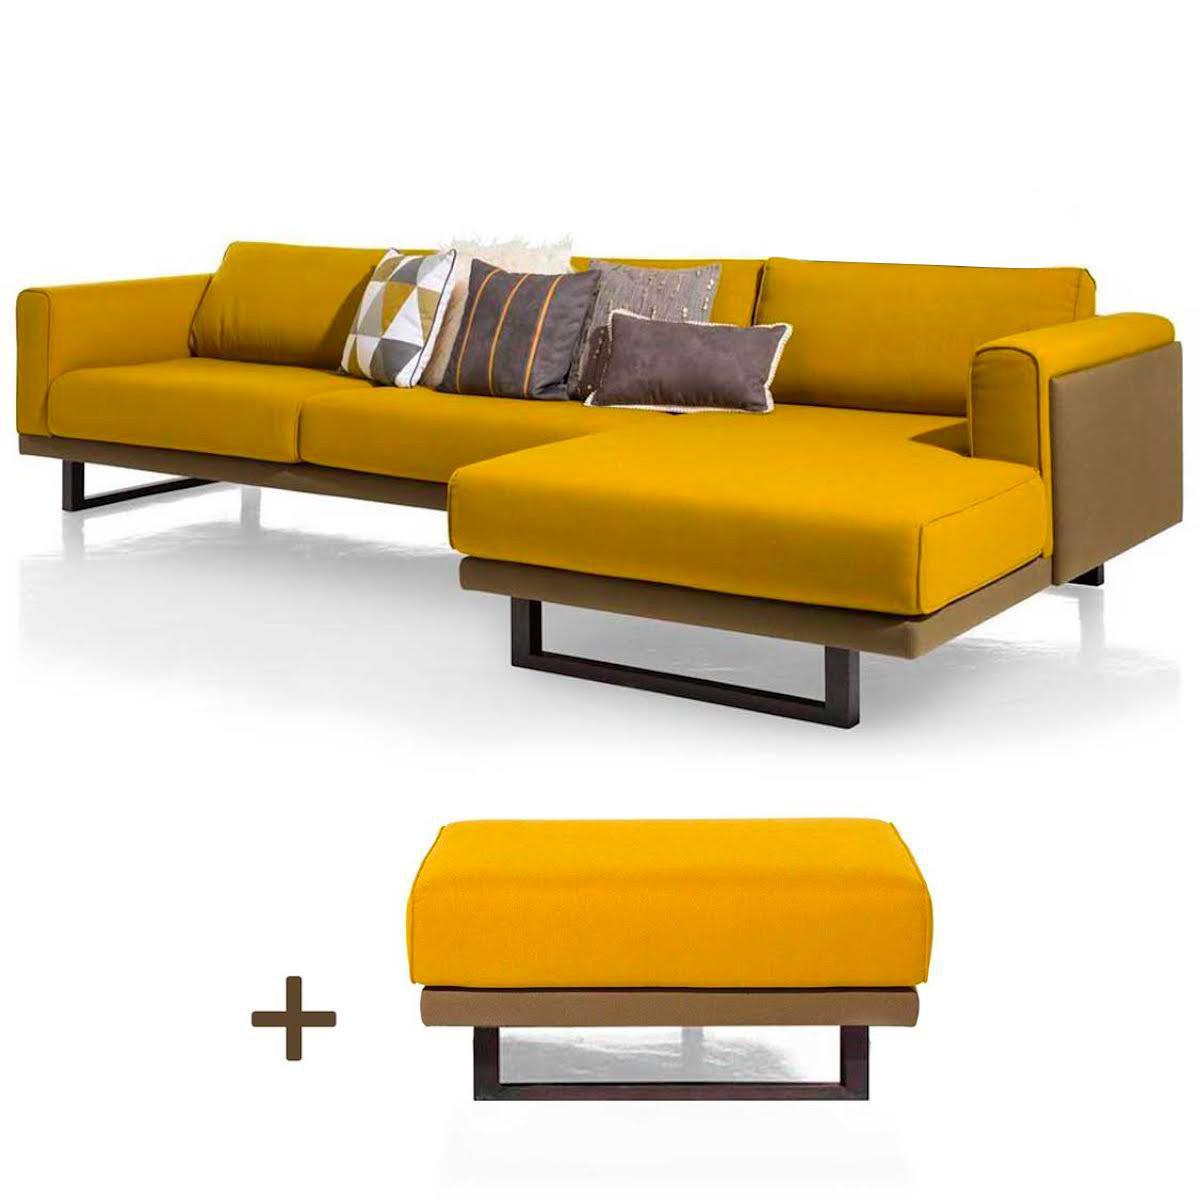 Canapé 3 places complet méridienne droite-pouf SILVES Xooon ocre-vert foncé